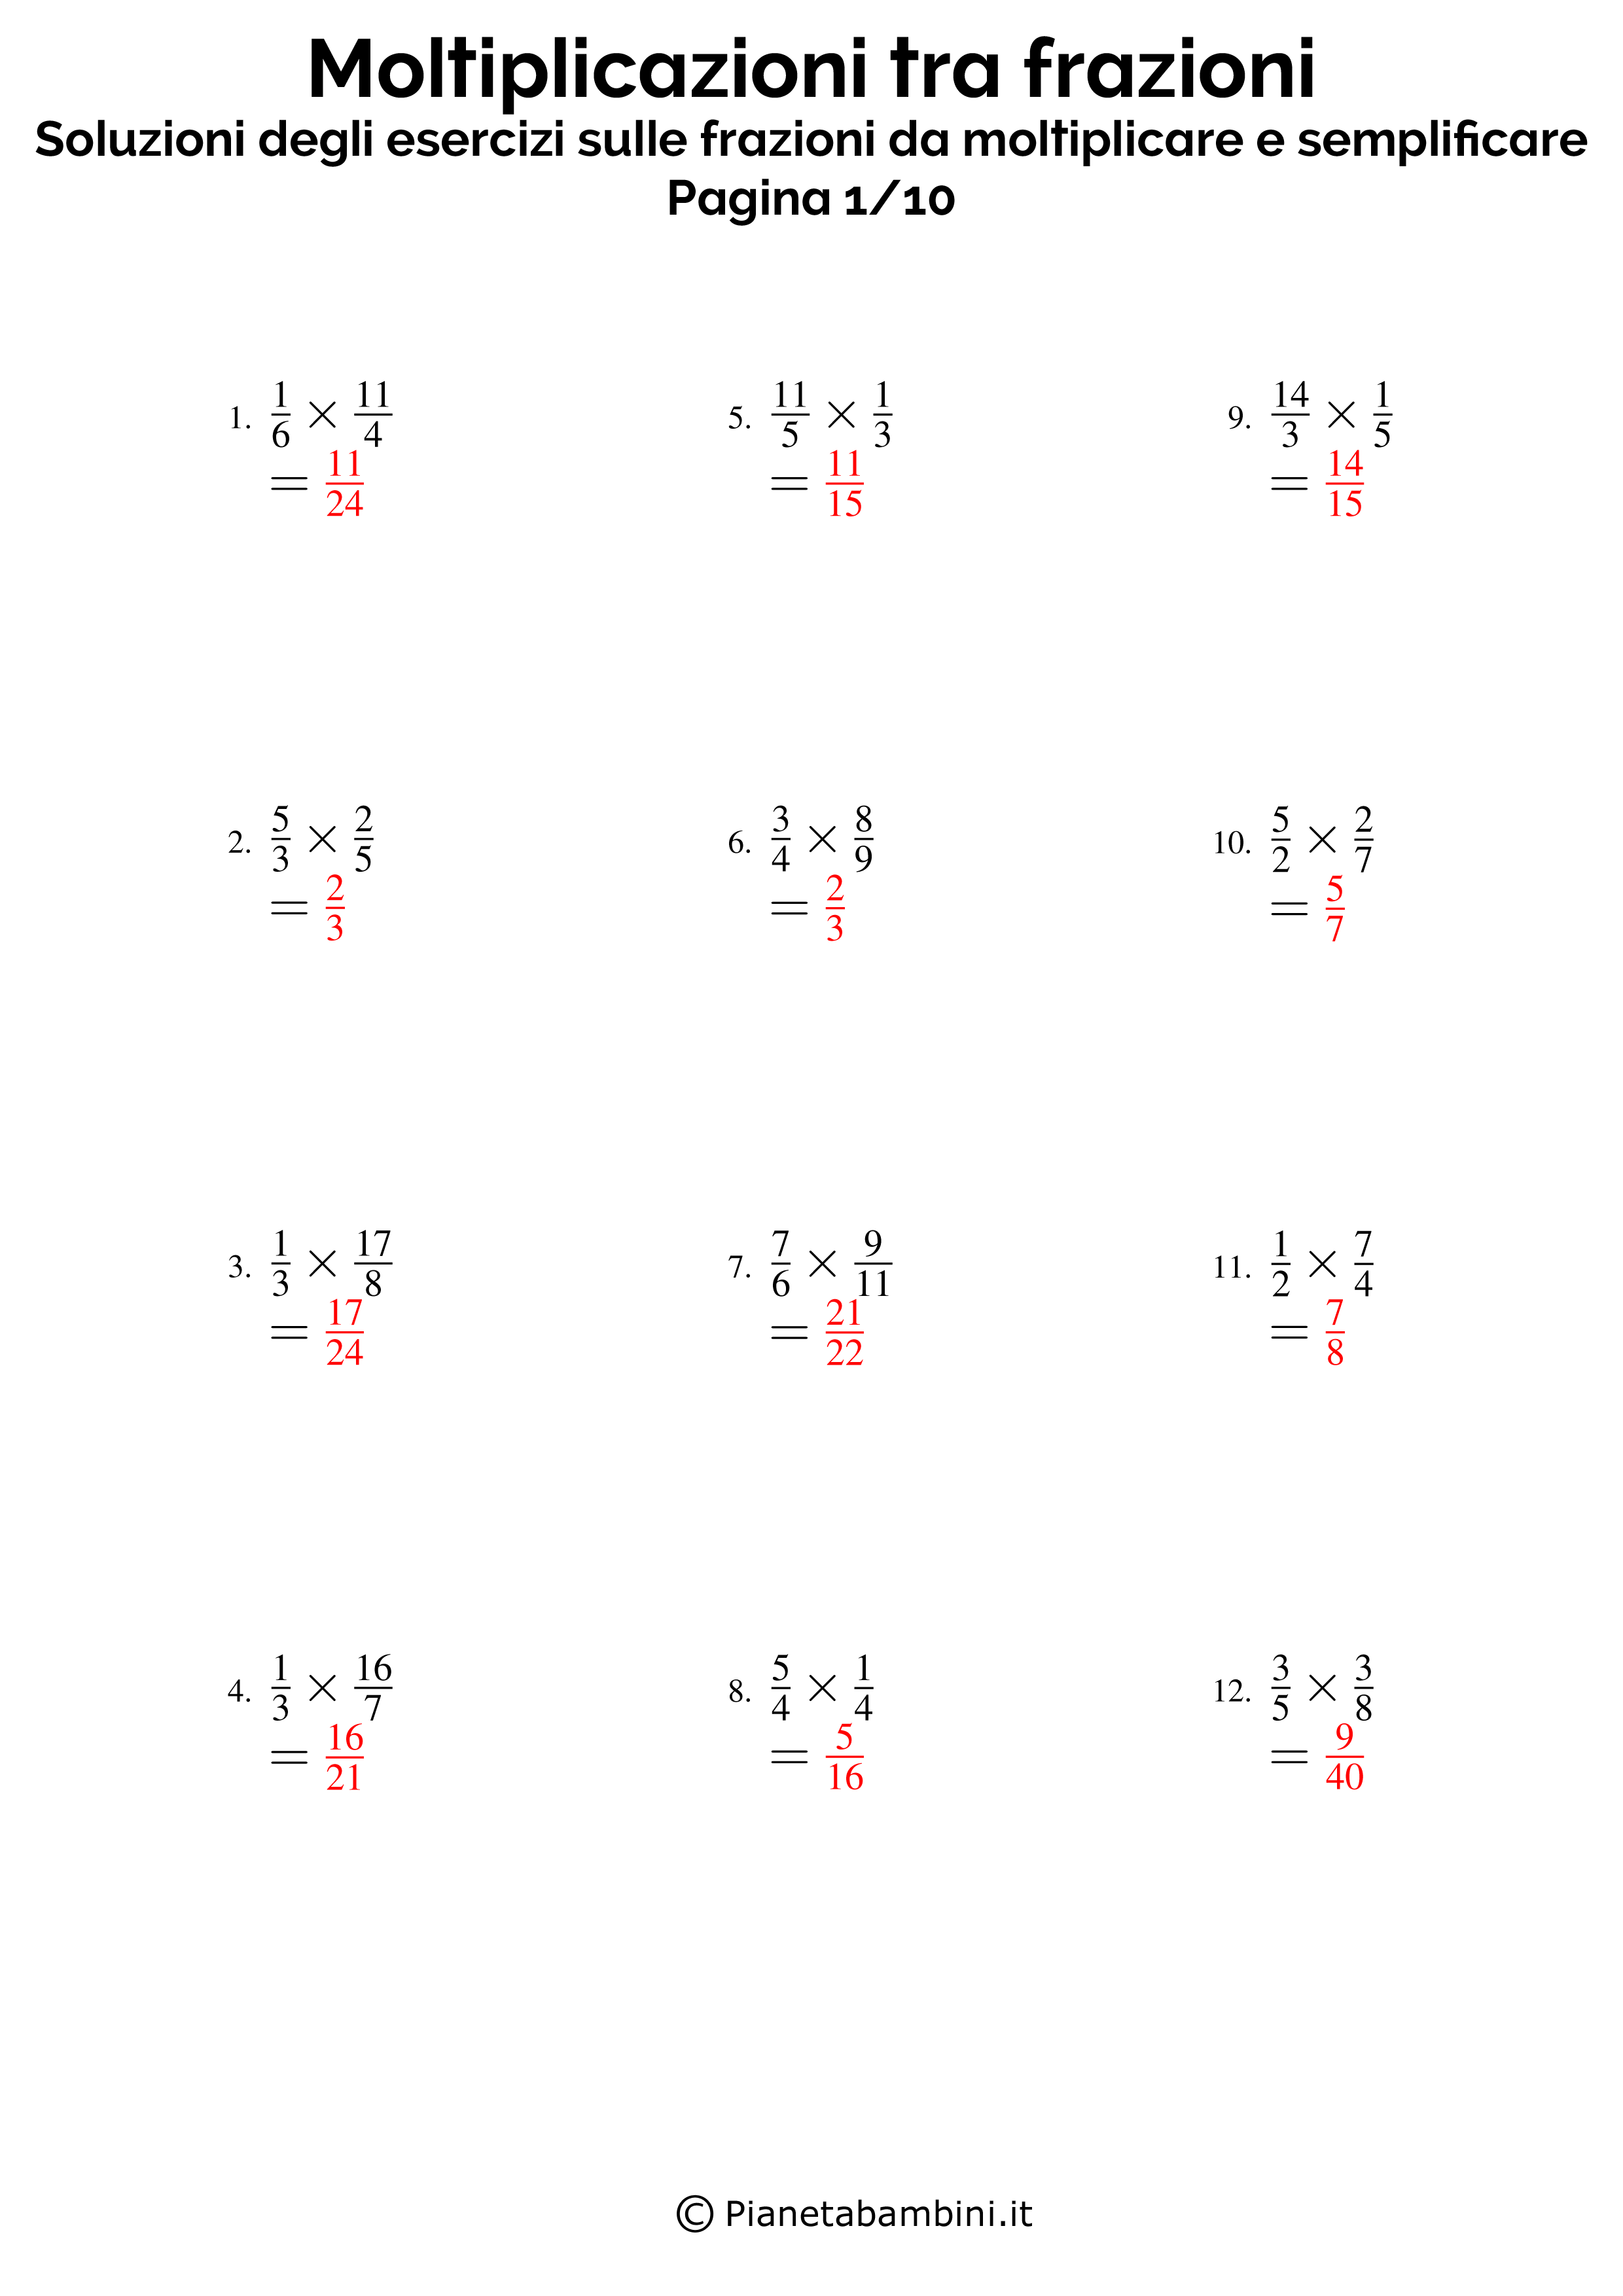 Soluzioni-Frazioni-Moltiplicare-Semplificare_01